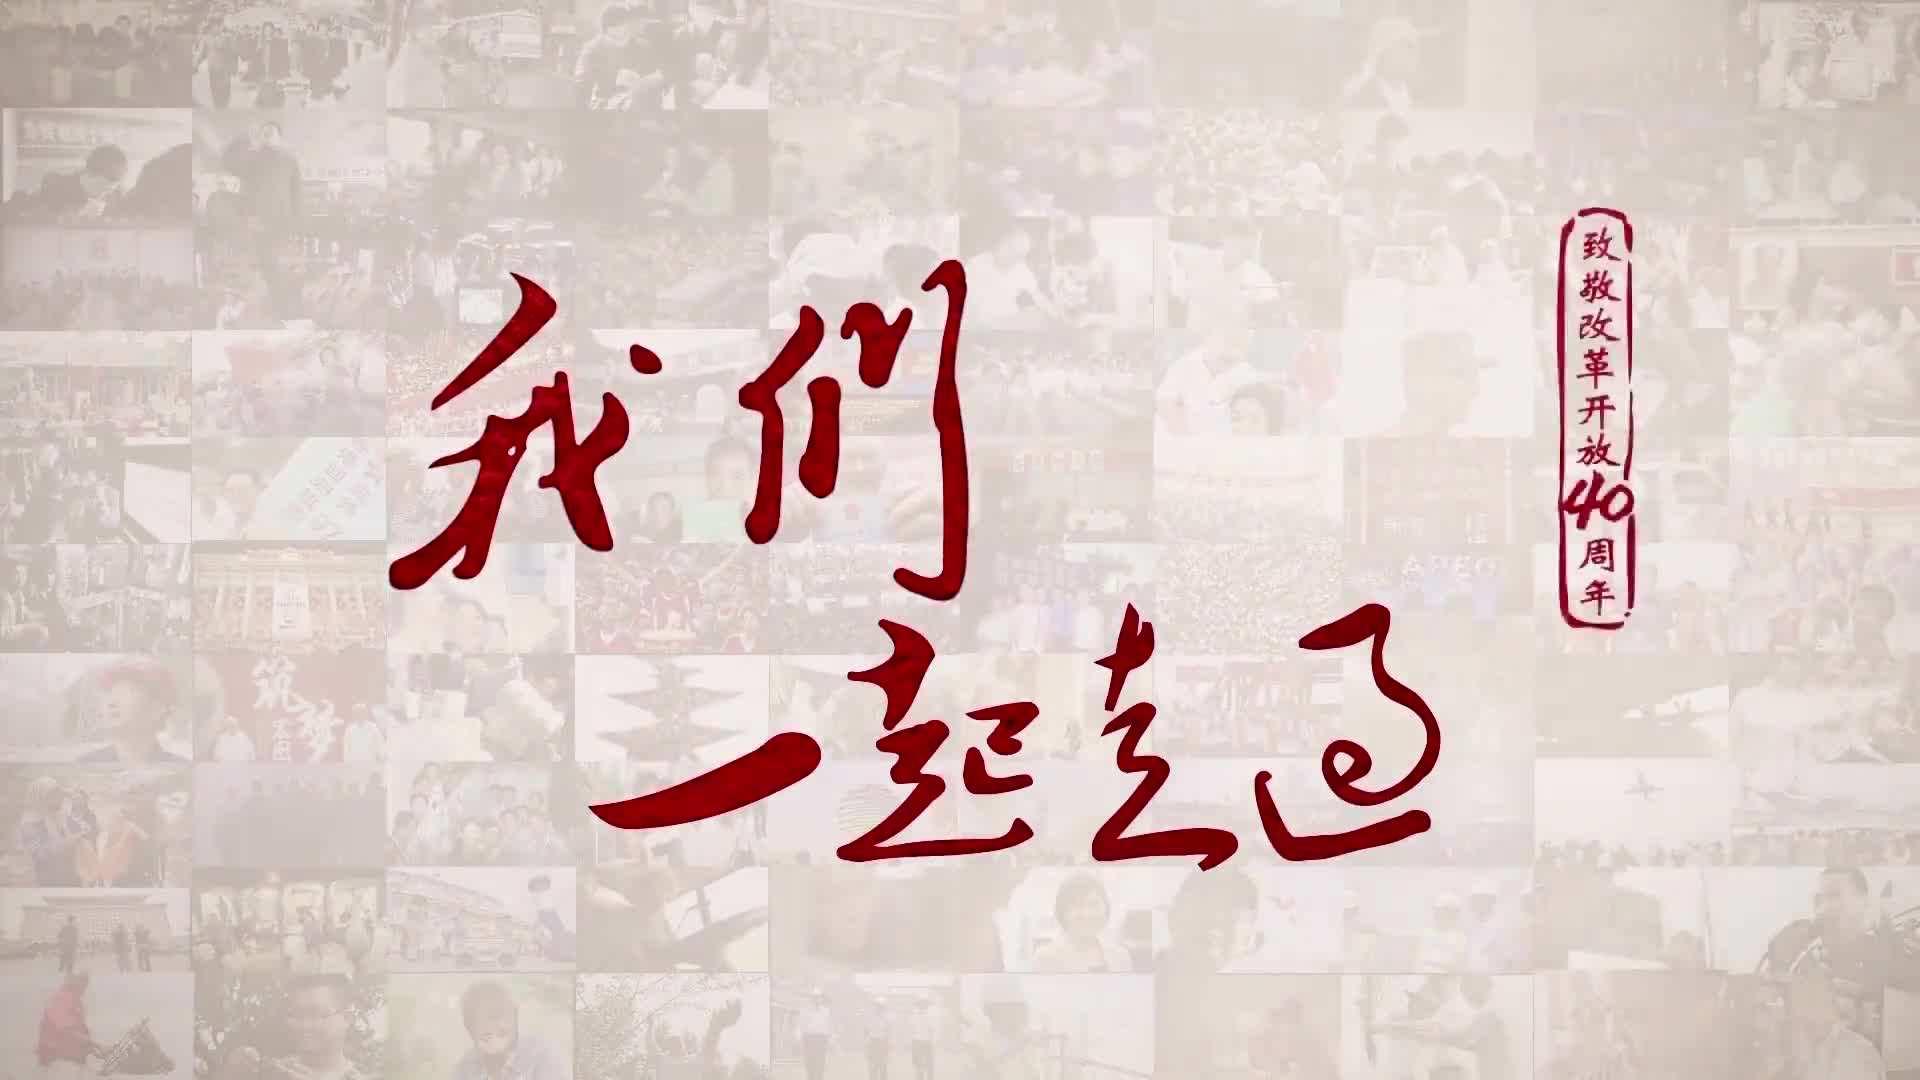 4分钟速览:大型电视记录片《我们一同走过》第九集、第十集